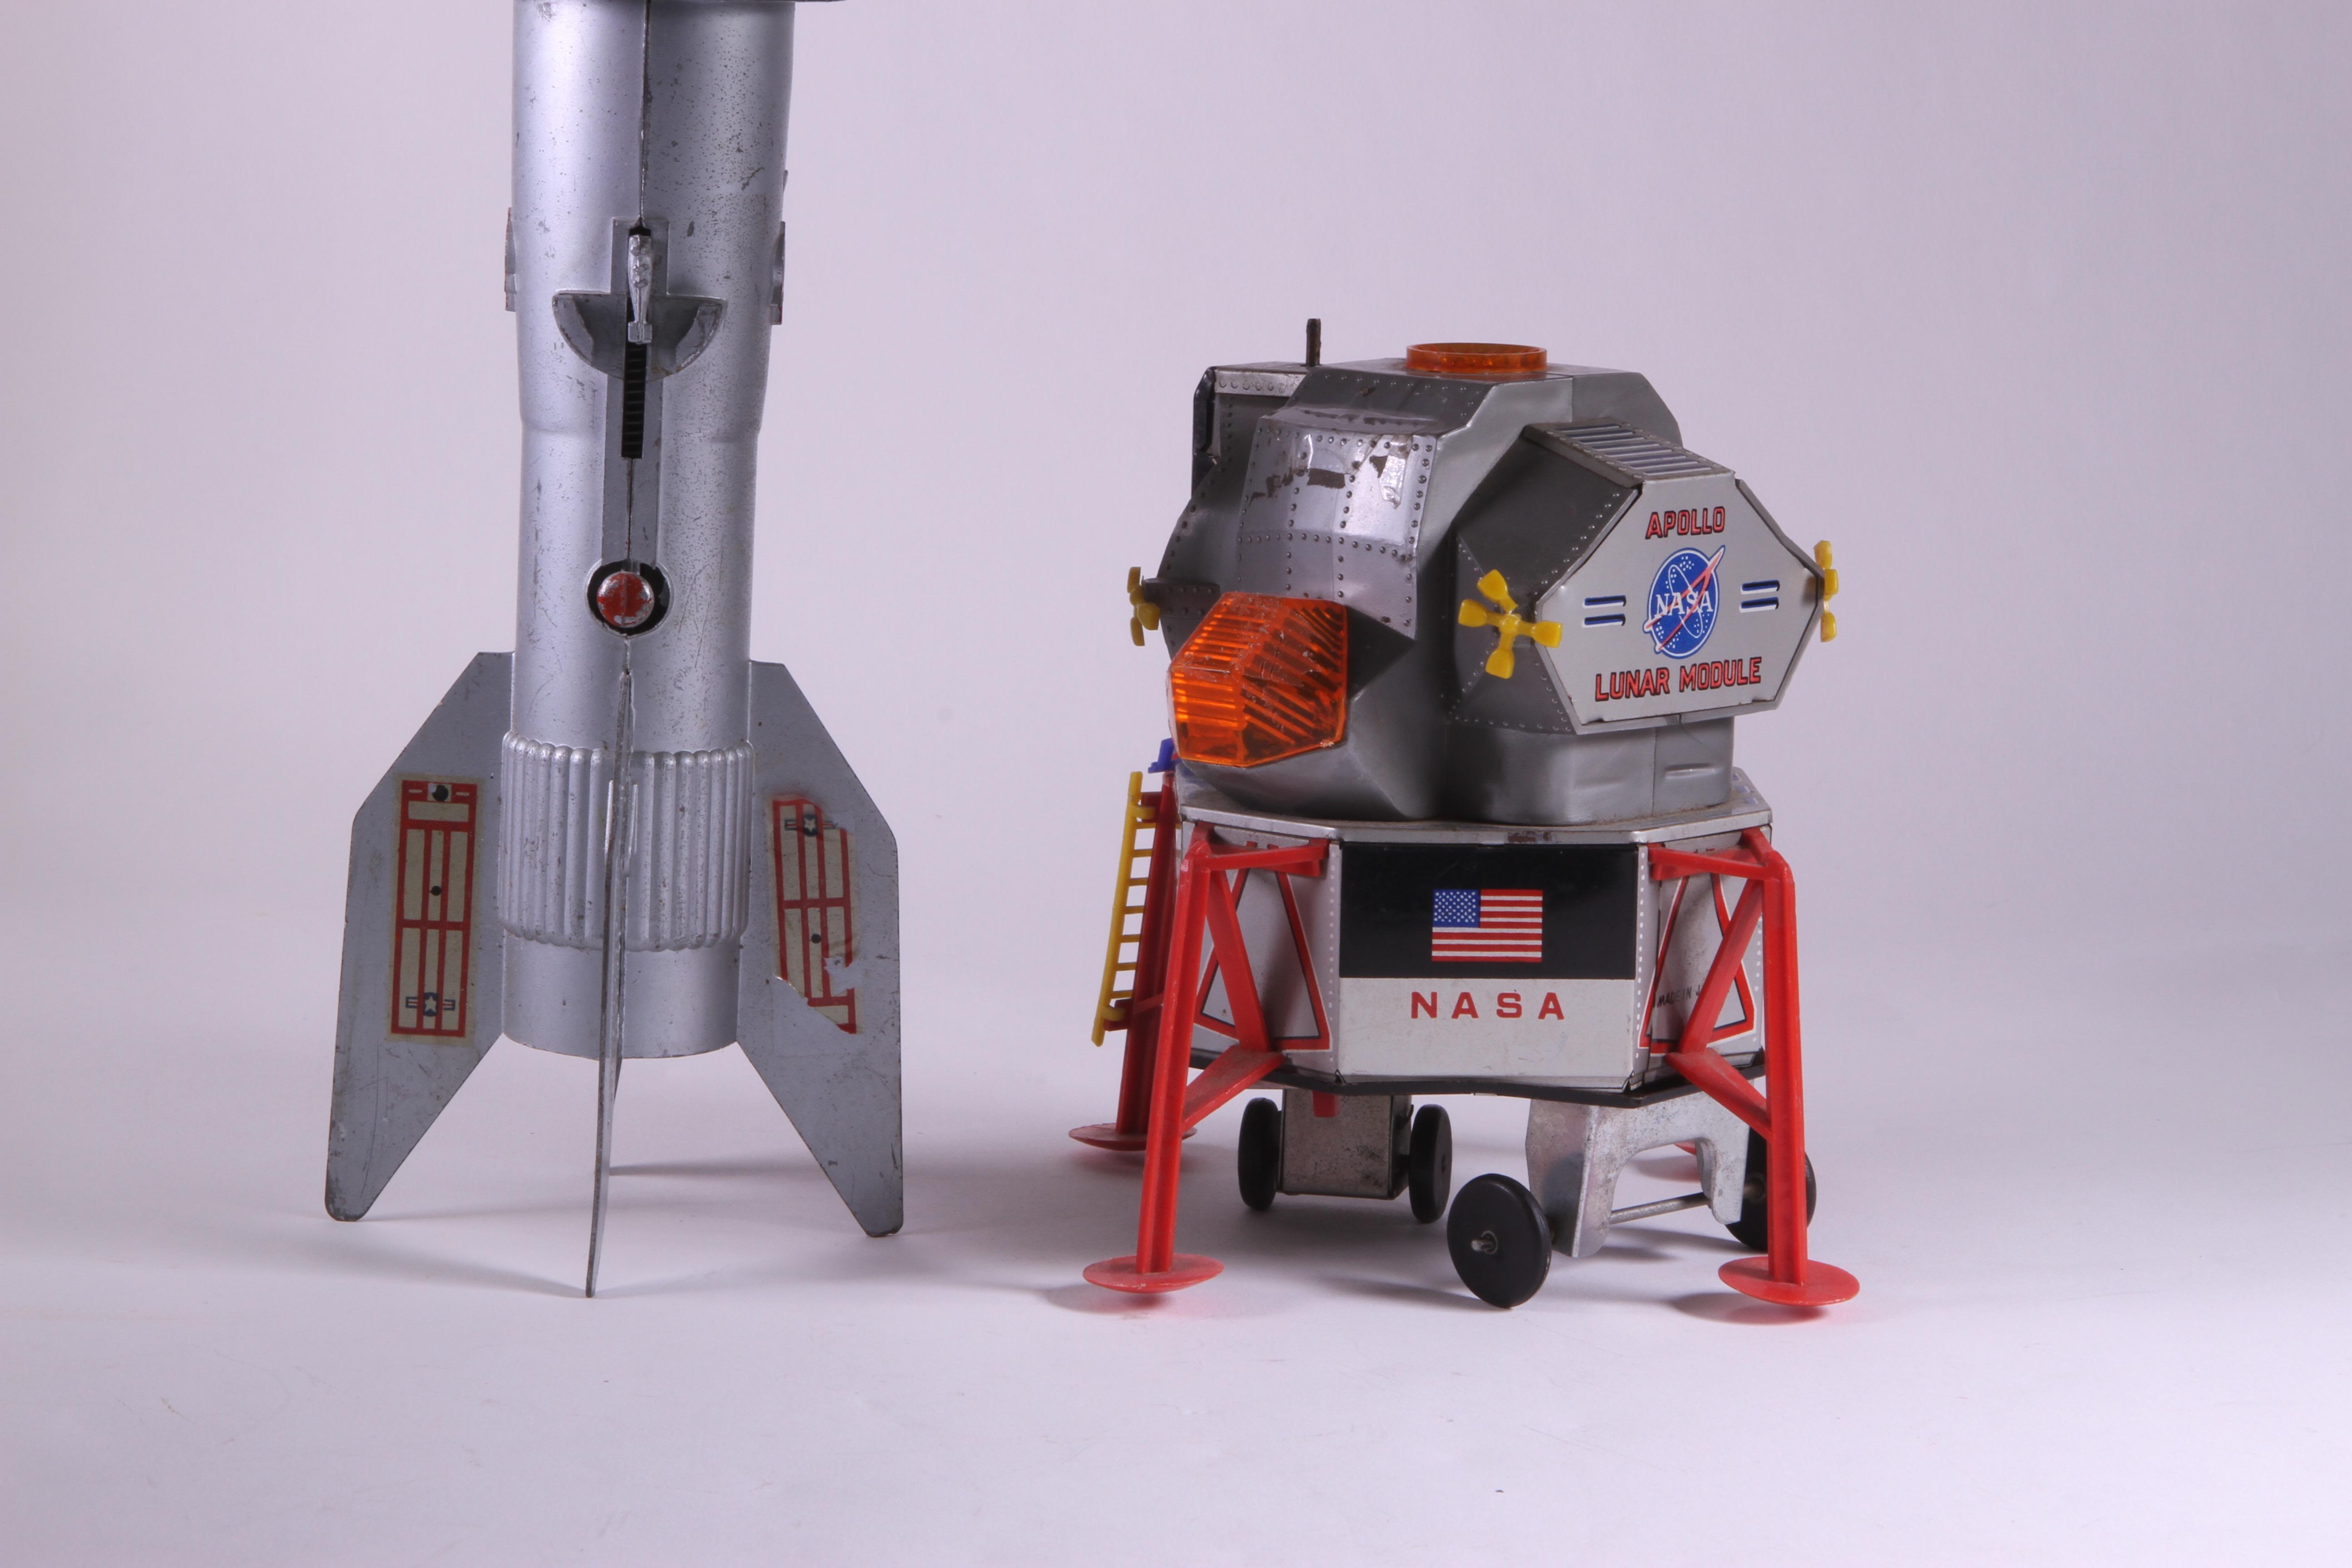 Apollo Module and Rocket Bank